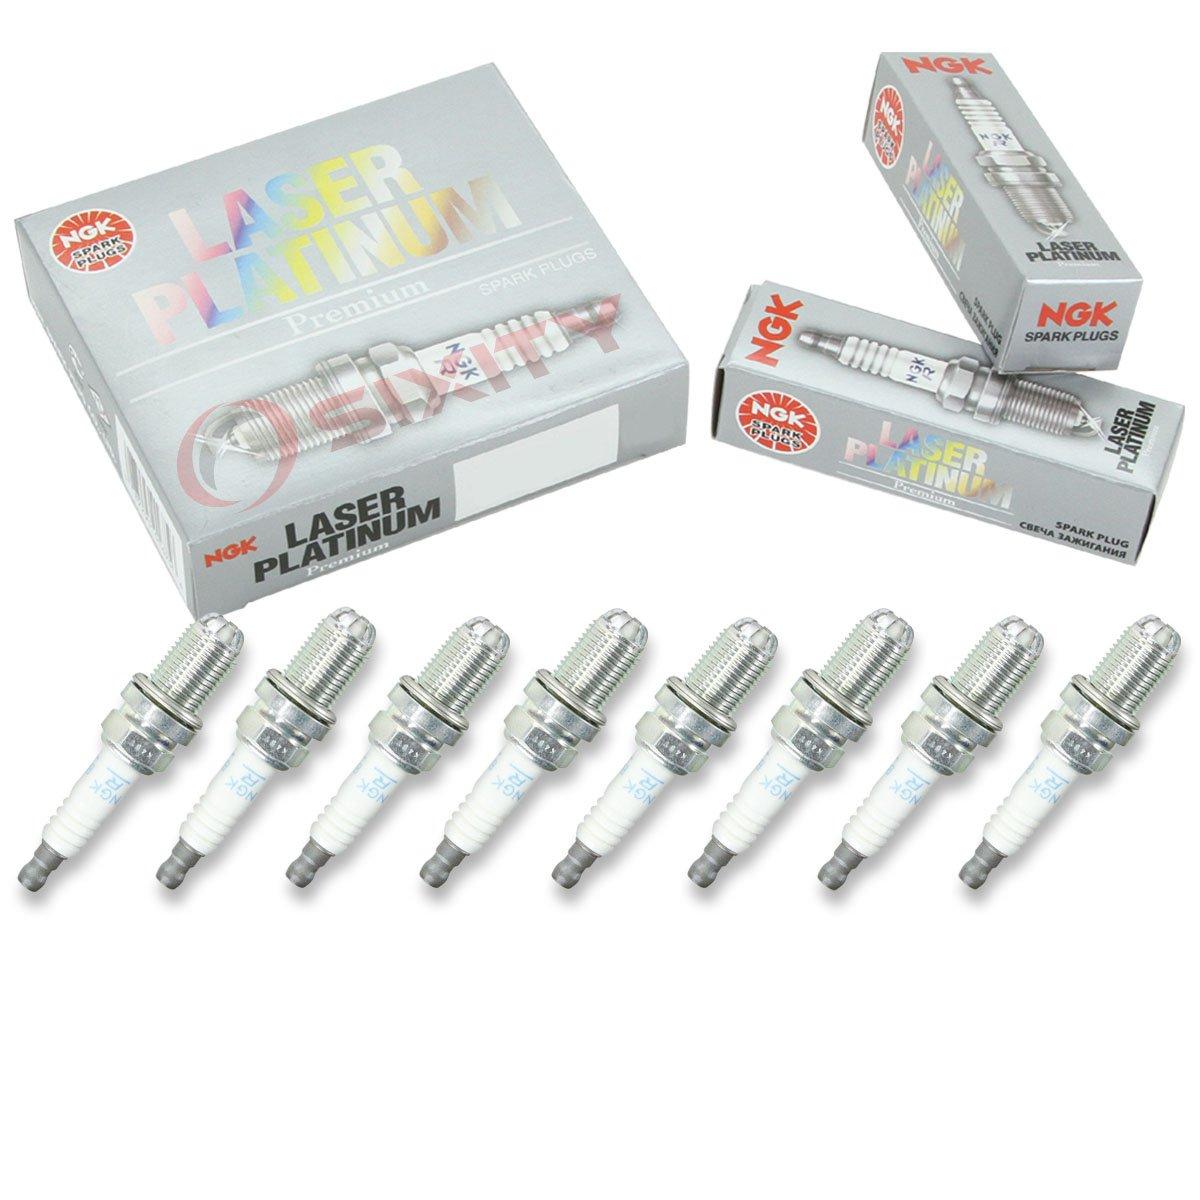 NGK tóner Platinum - Juego de bujías Audi S4 04 - 06 4.2L V8 Kit Set Tune Up: Amazon.es: Coche y moto